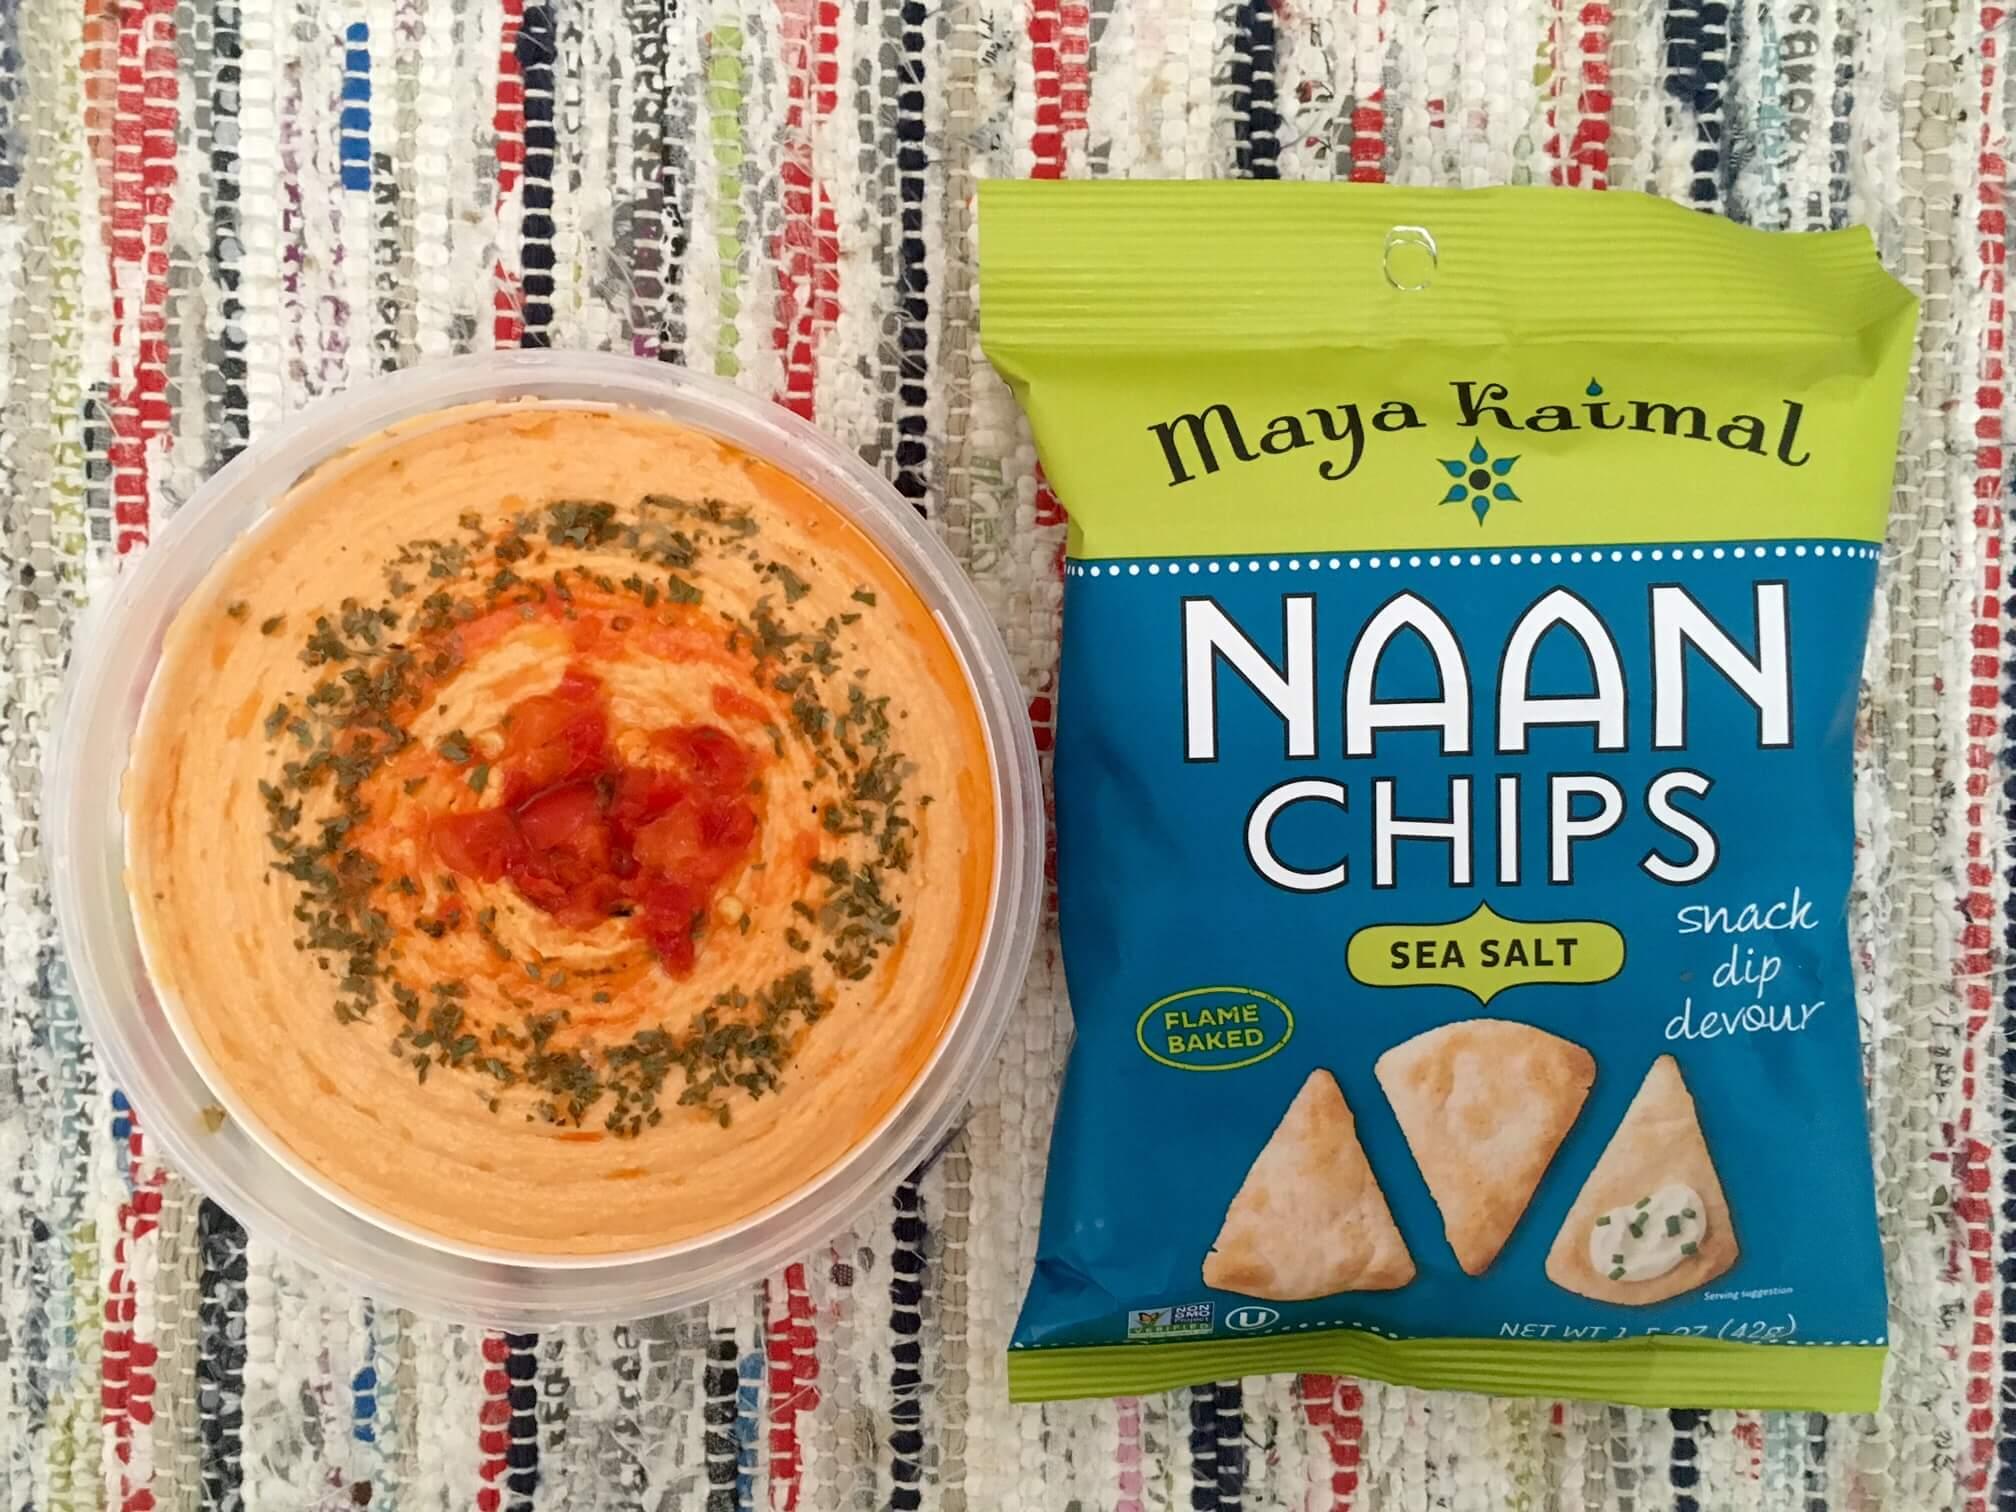 Maya Kaimal Naan Sea Salt Chips